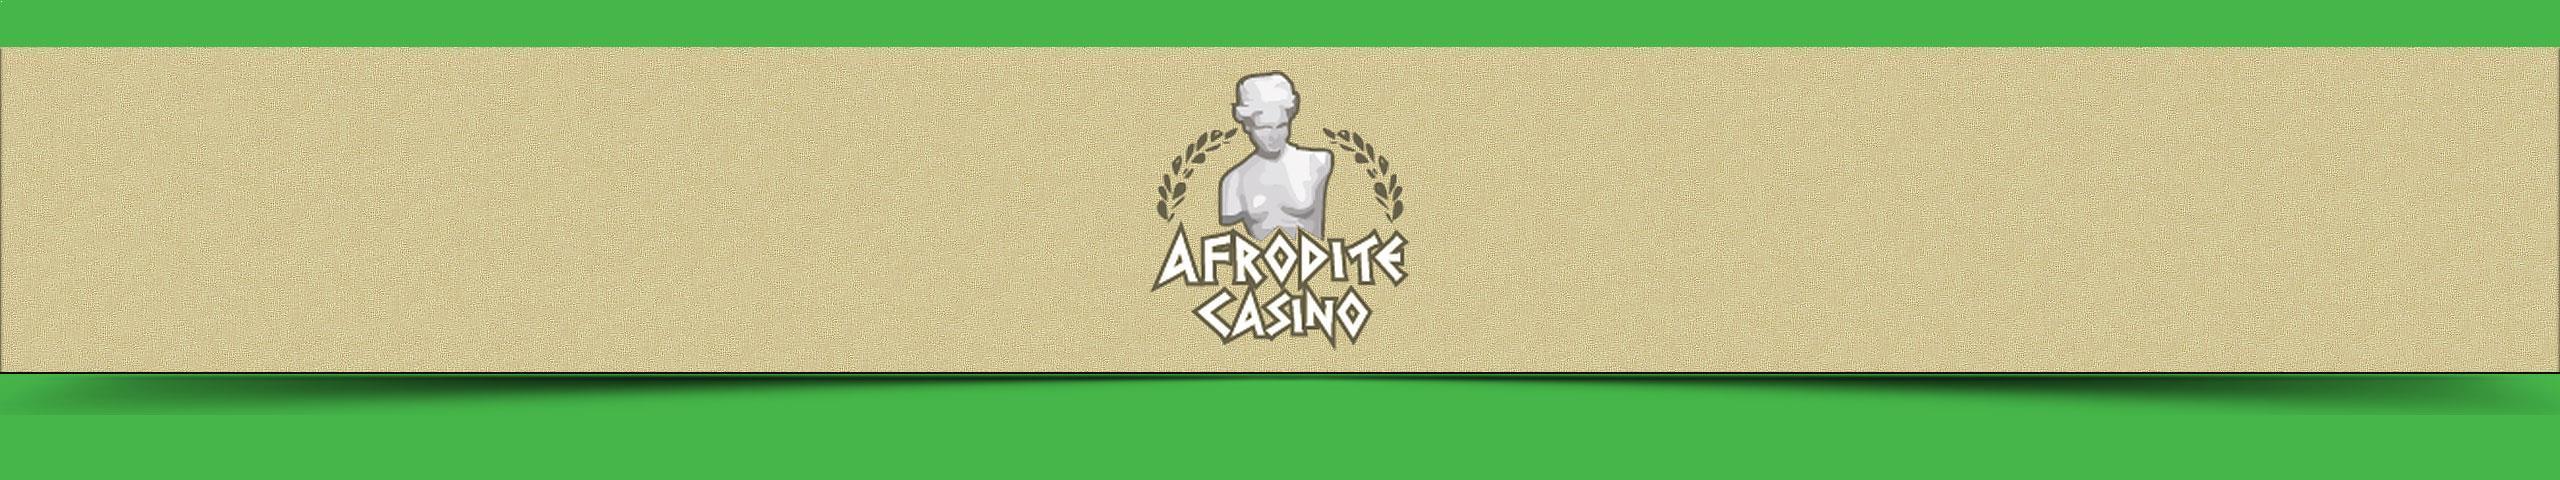 Vizualizarea Cazinoului Afrodite - Multabafta.com Slider